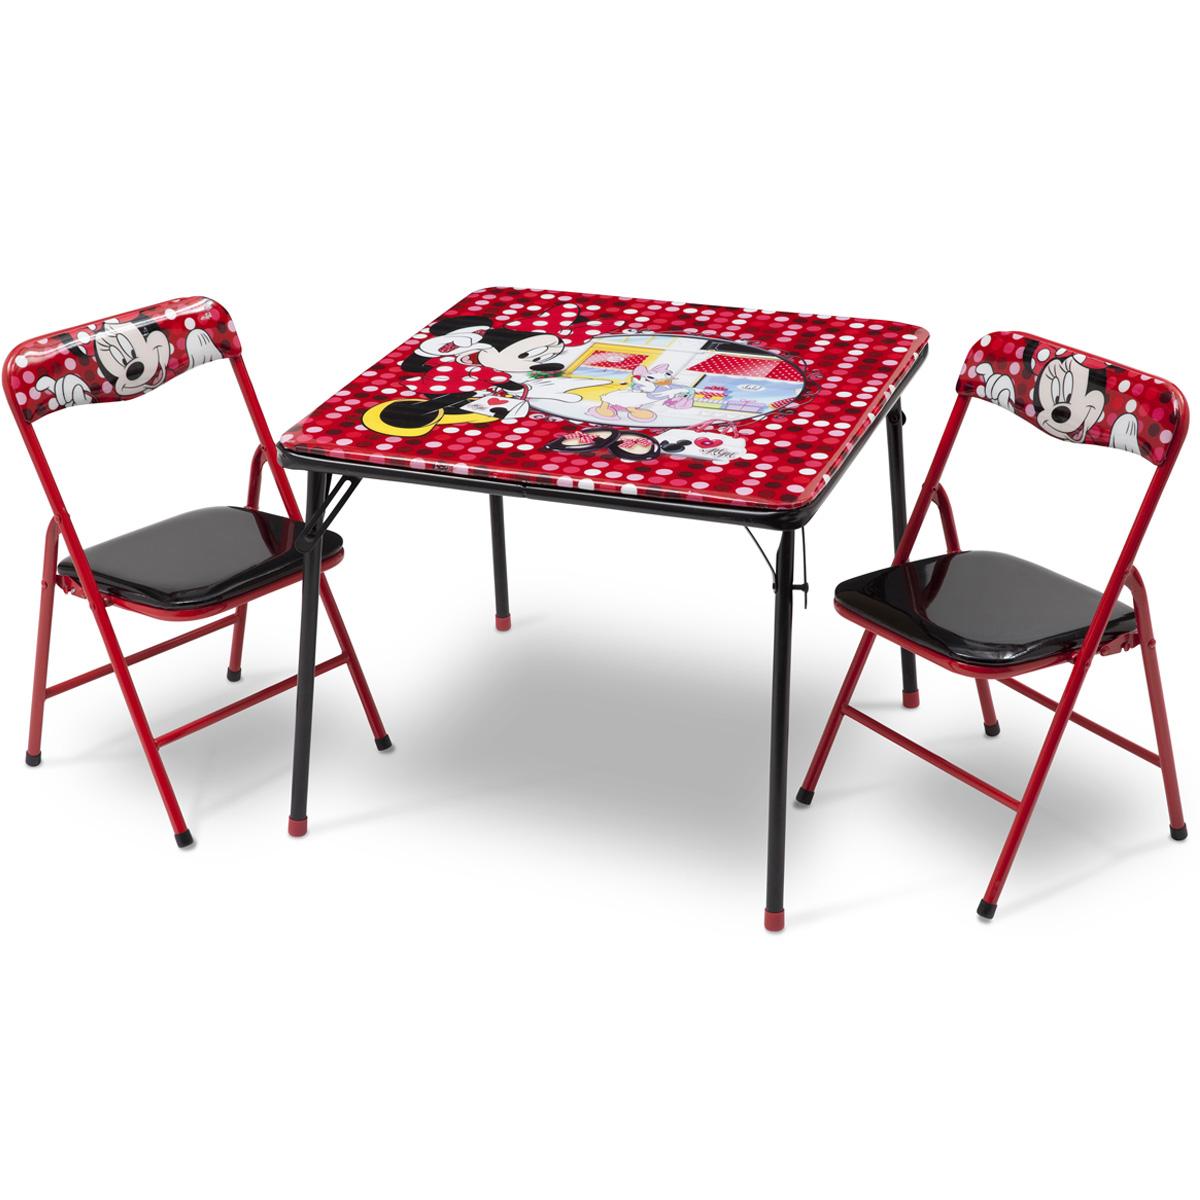 Table pliante enfant - Table et chaises pliantes ...